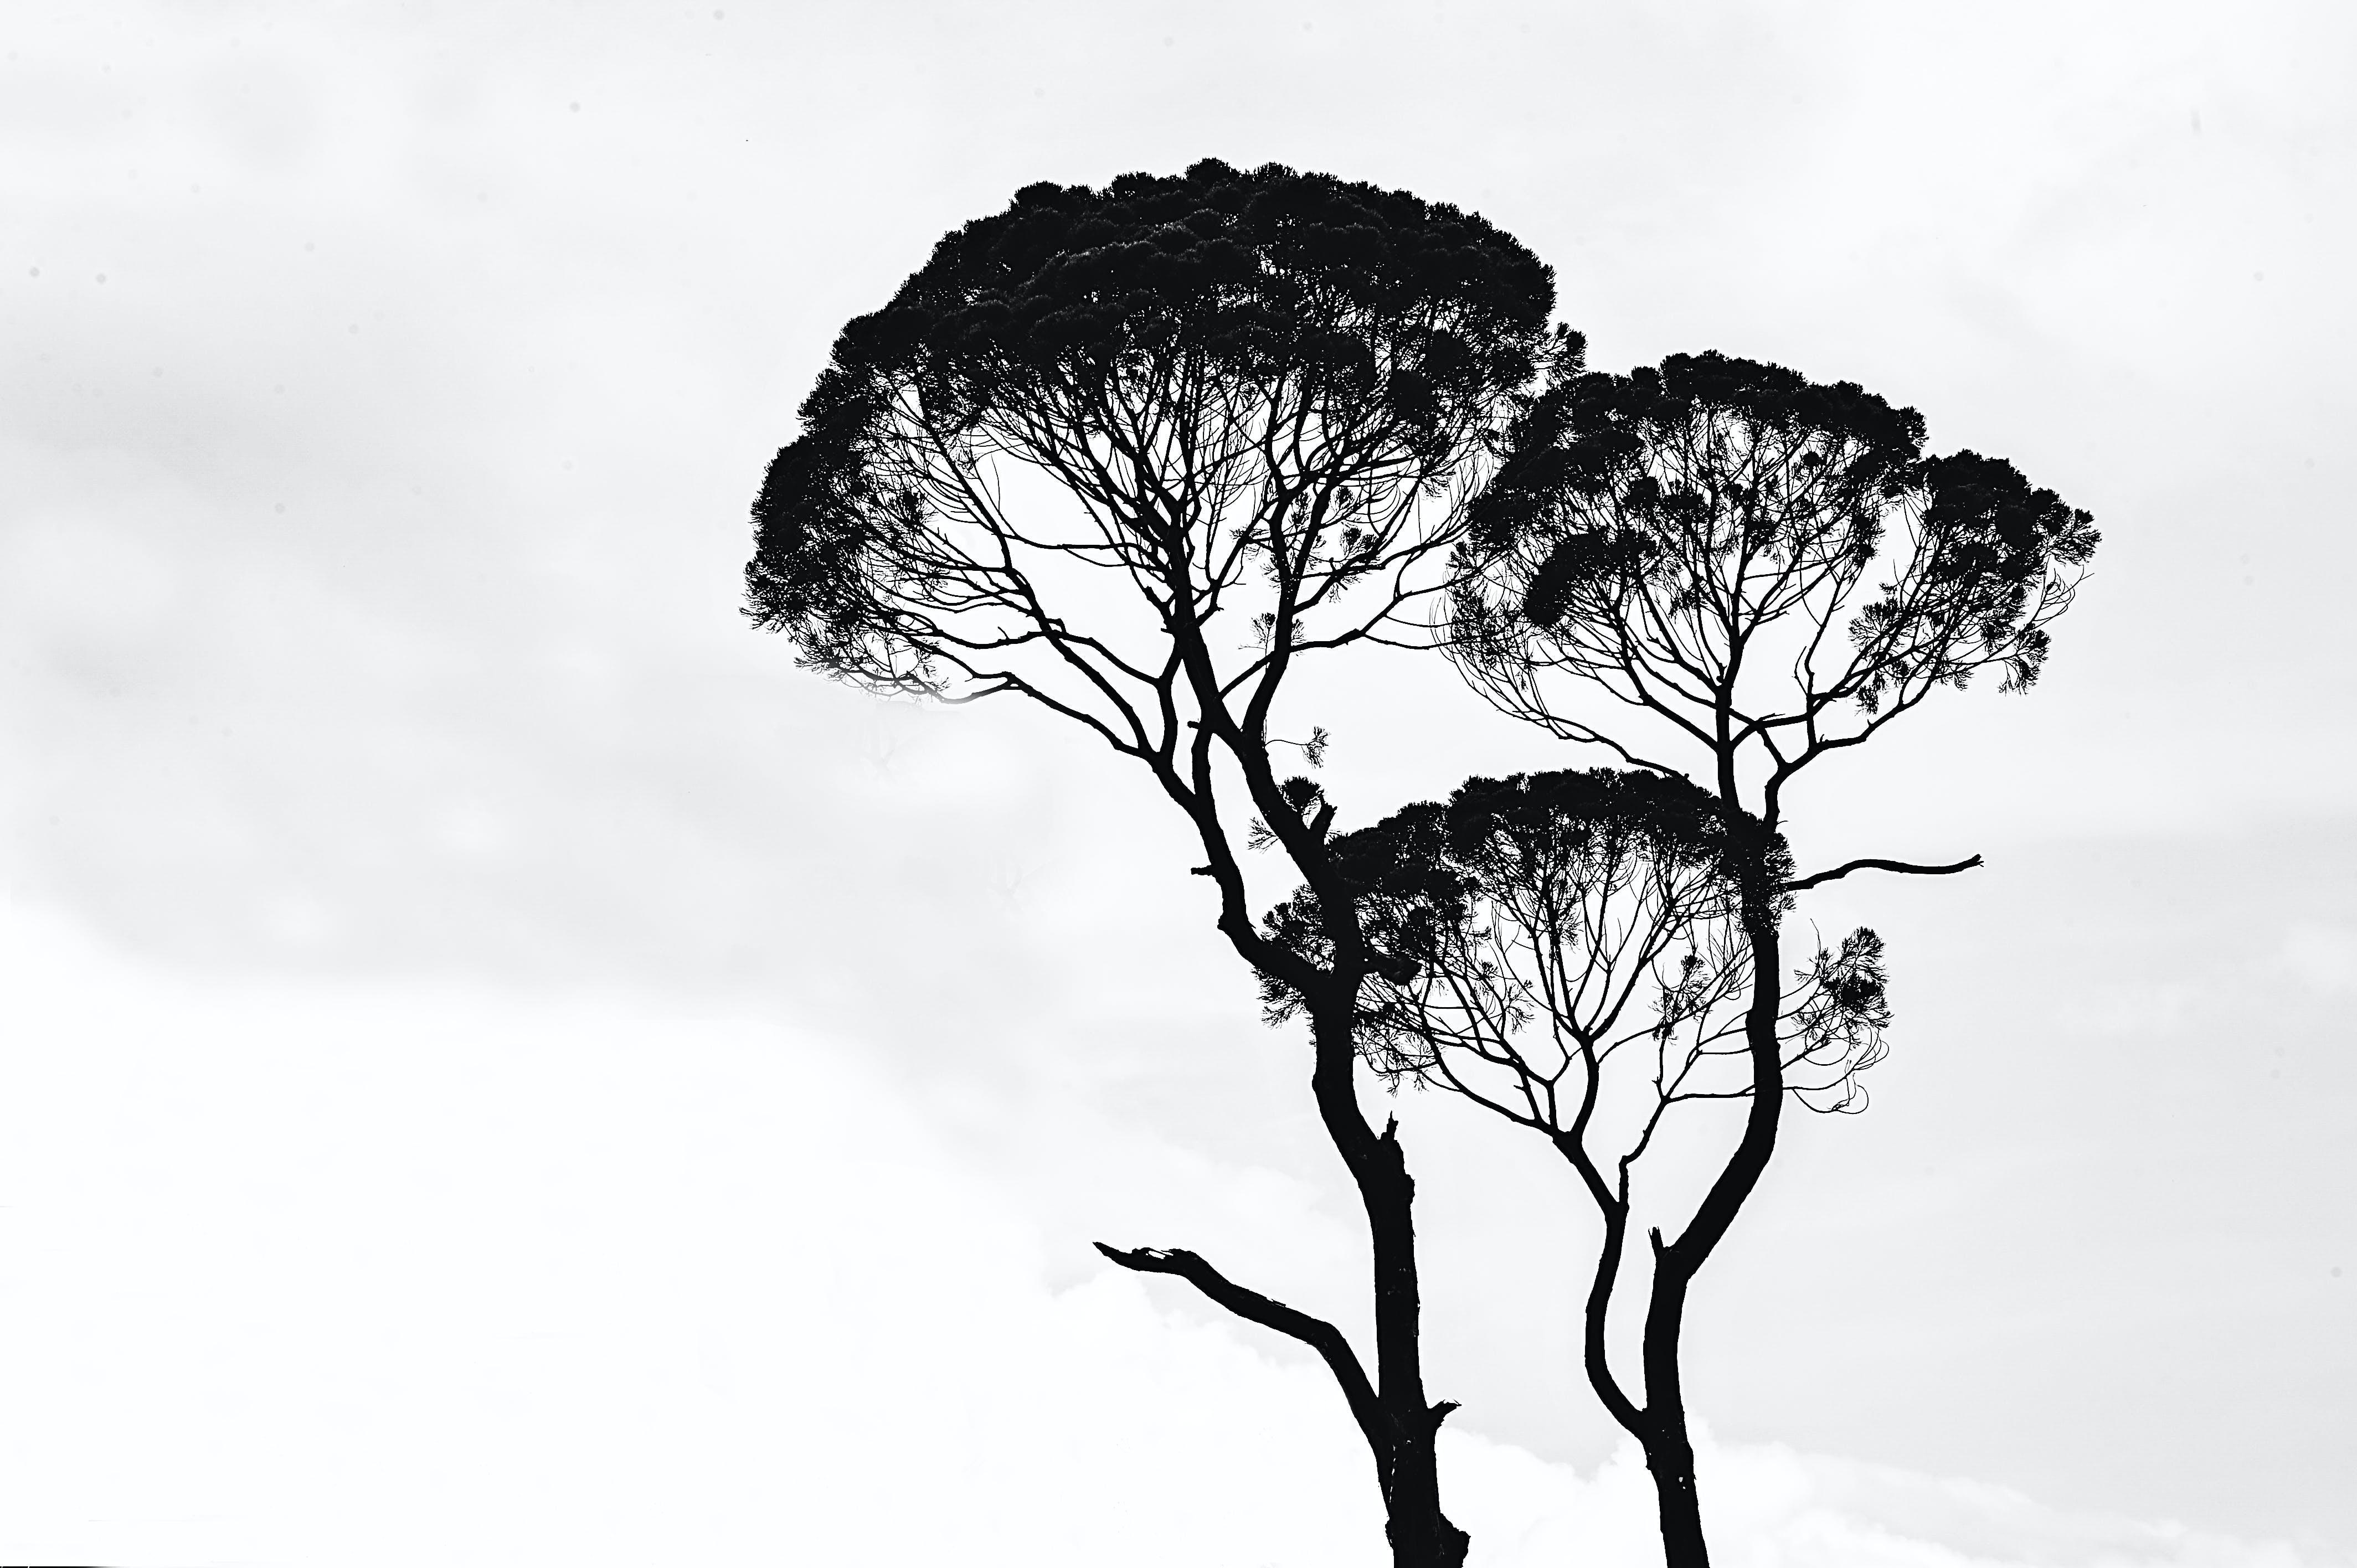 äste, bäume, baumstamm